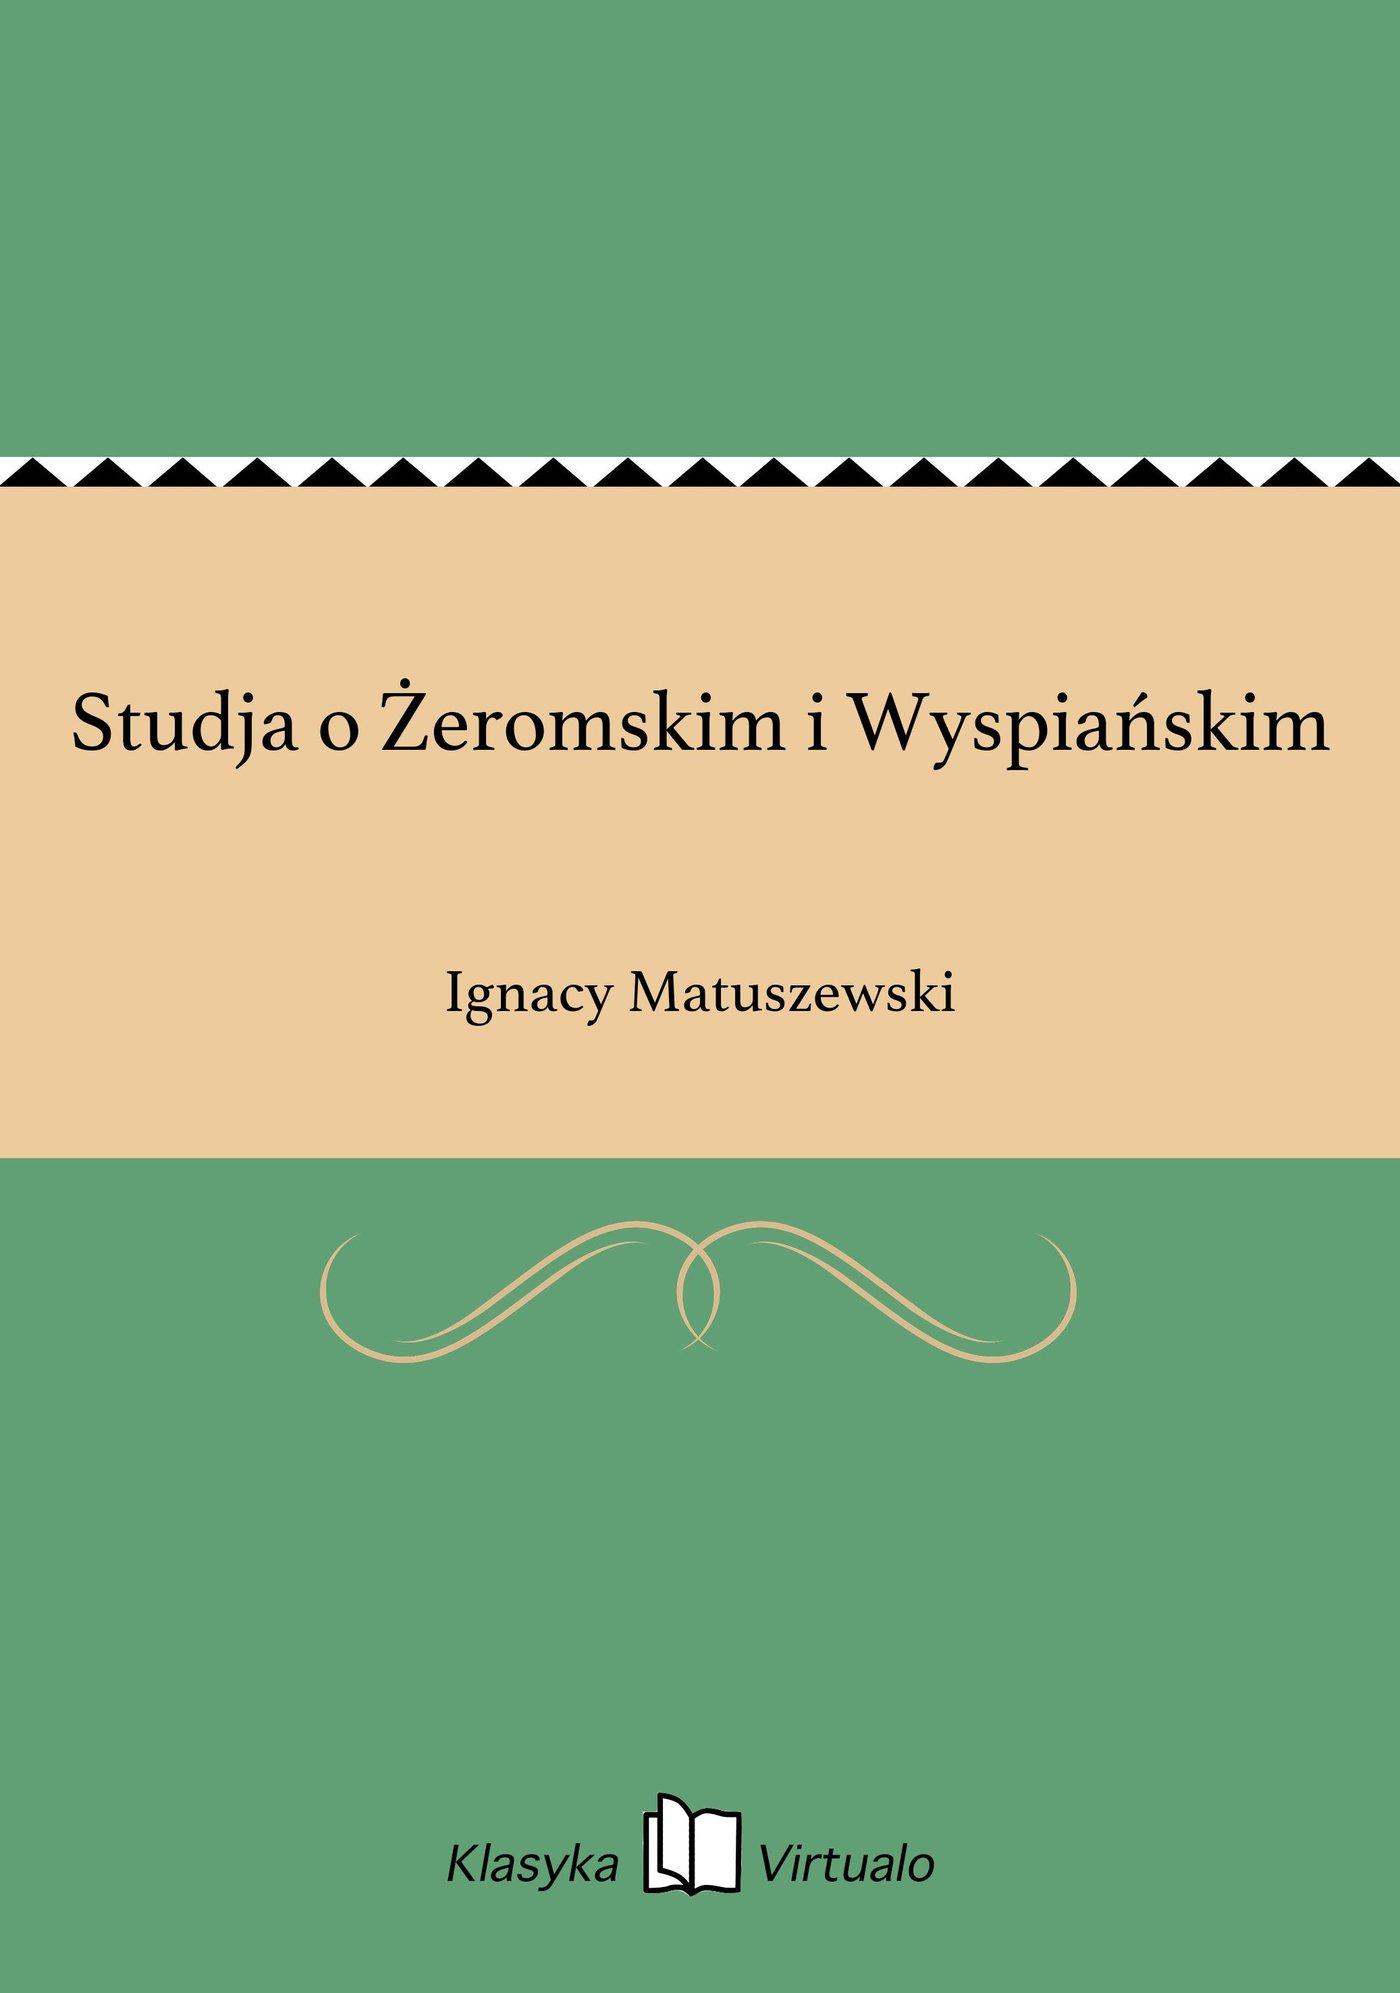 Studja o Żeromskim i Wyspiańskim - Ebook (Książka na Kindle) do pobrania w formacie MOBI